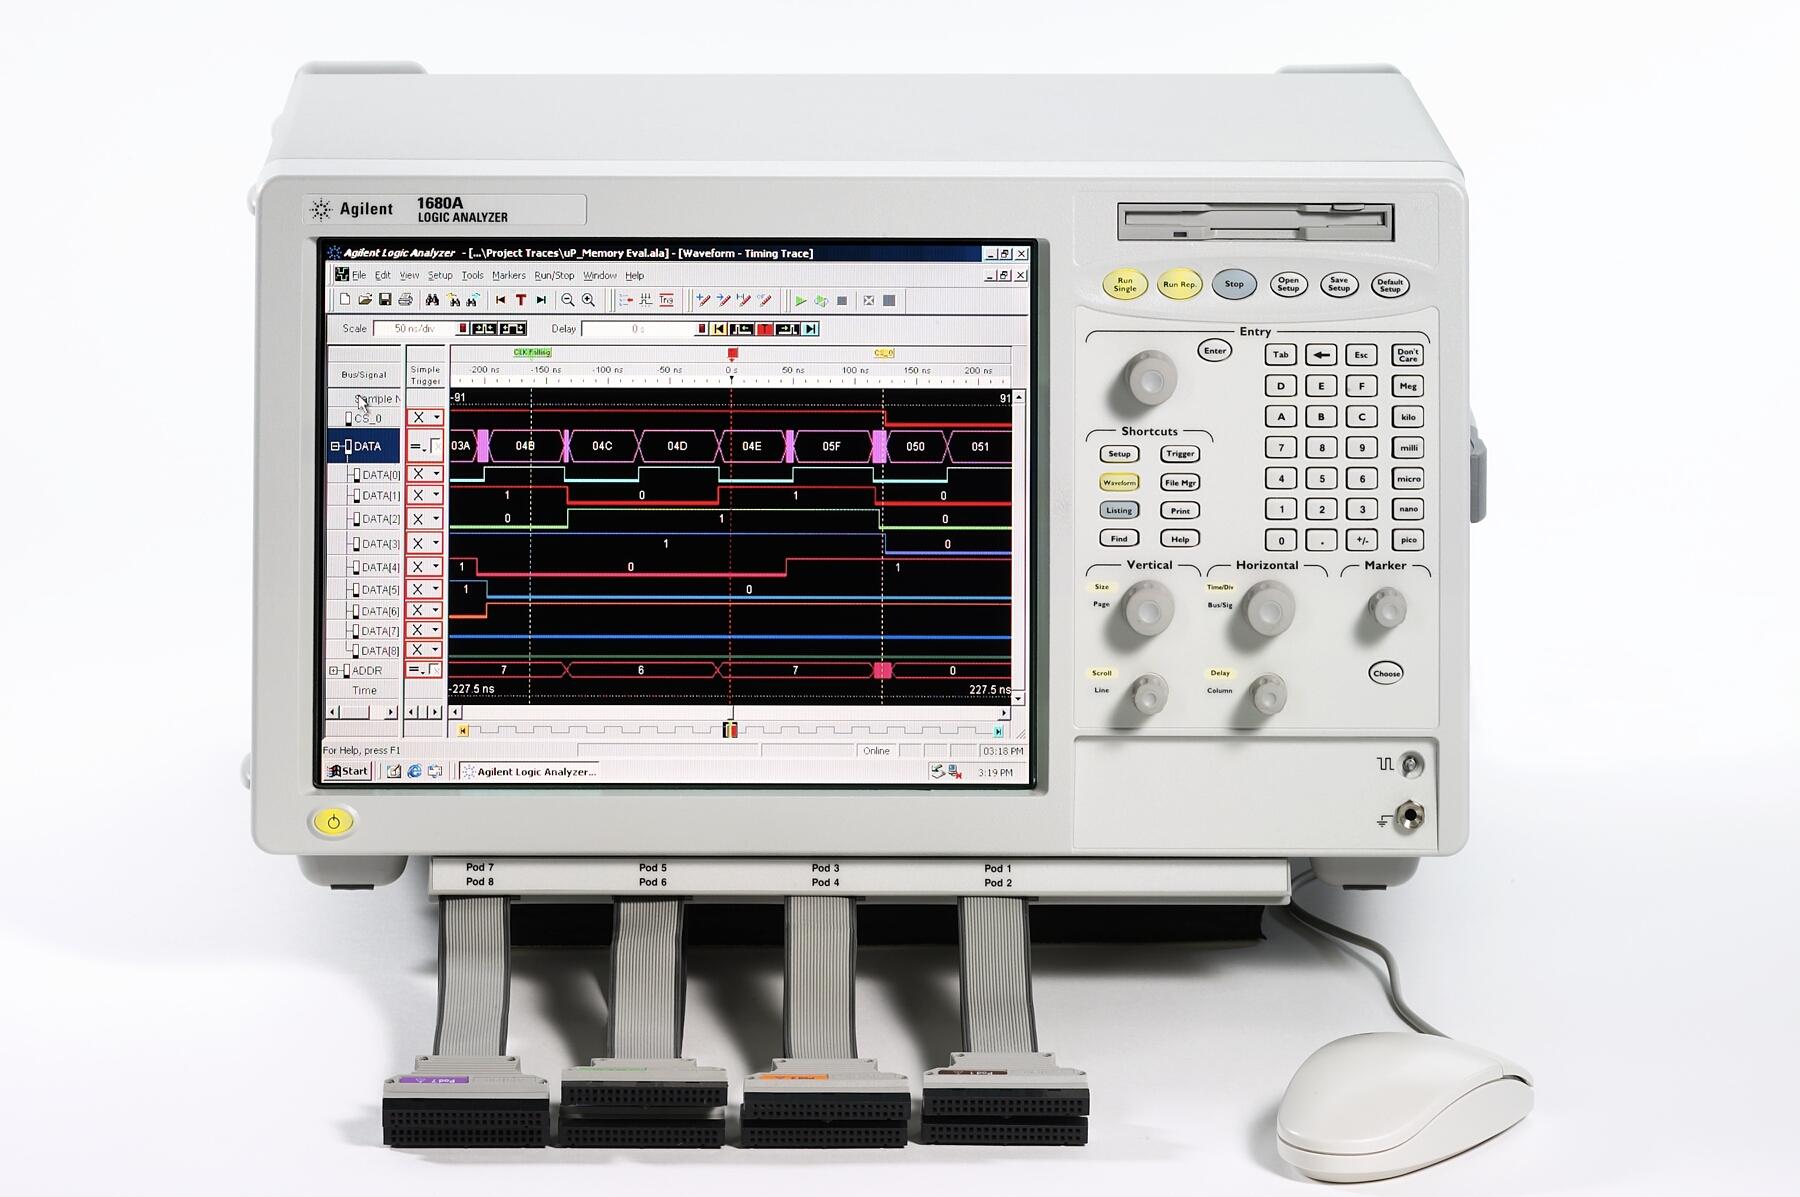 Keysight (Agilent) 1683A 34 Channel Logic Analyzer